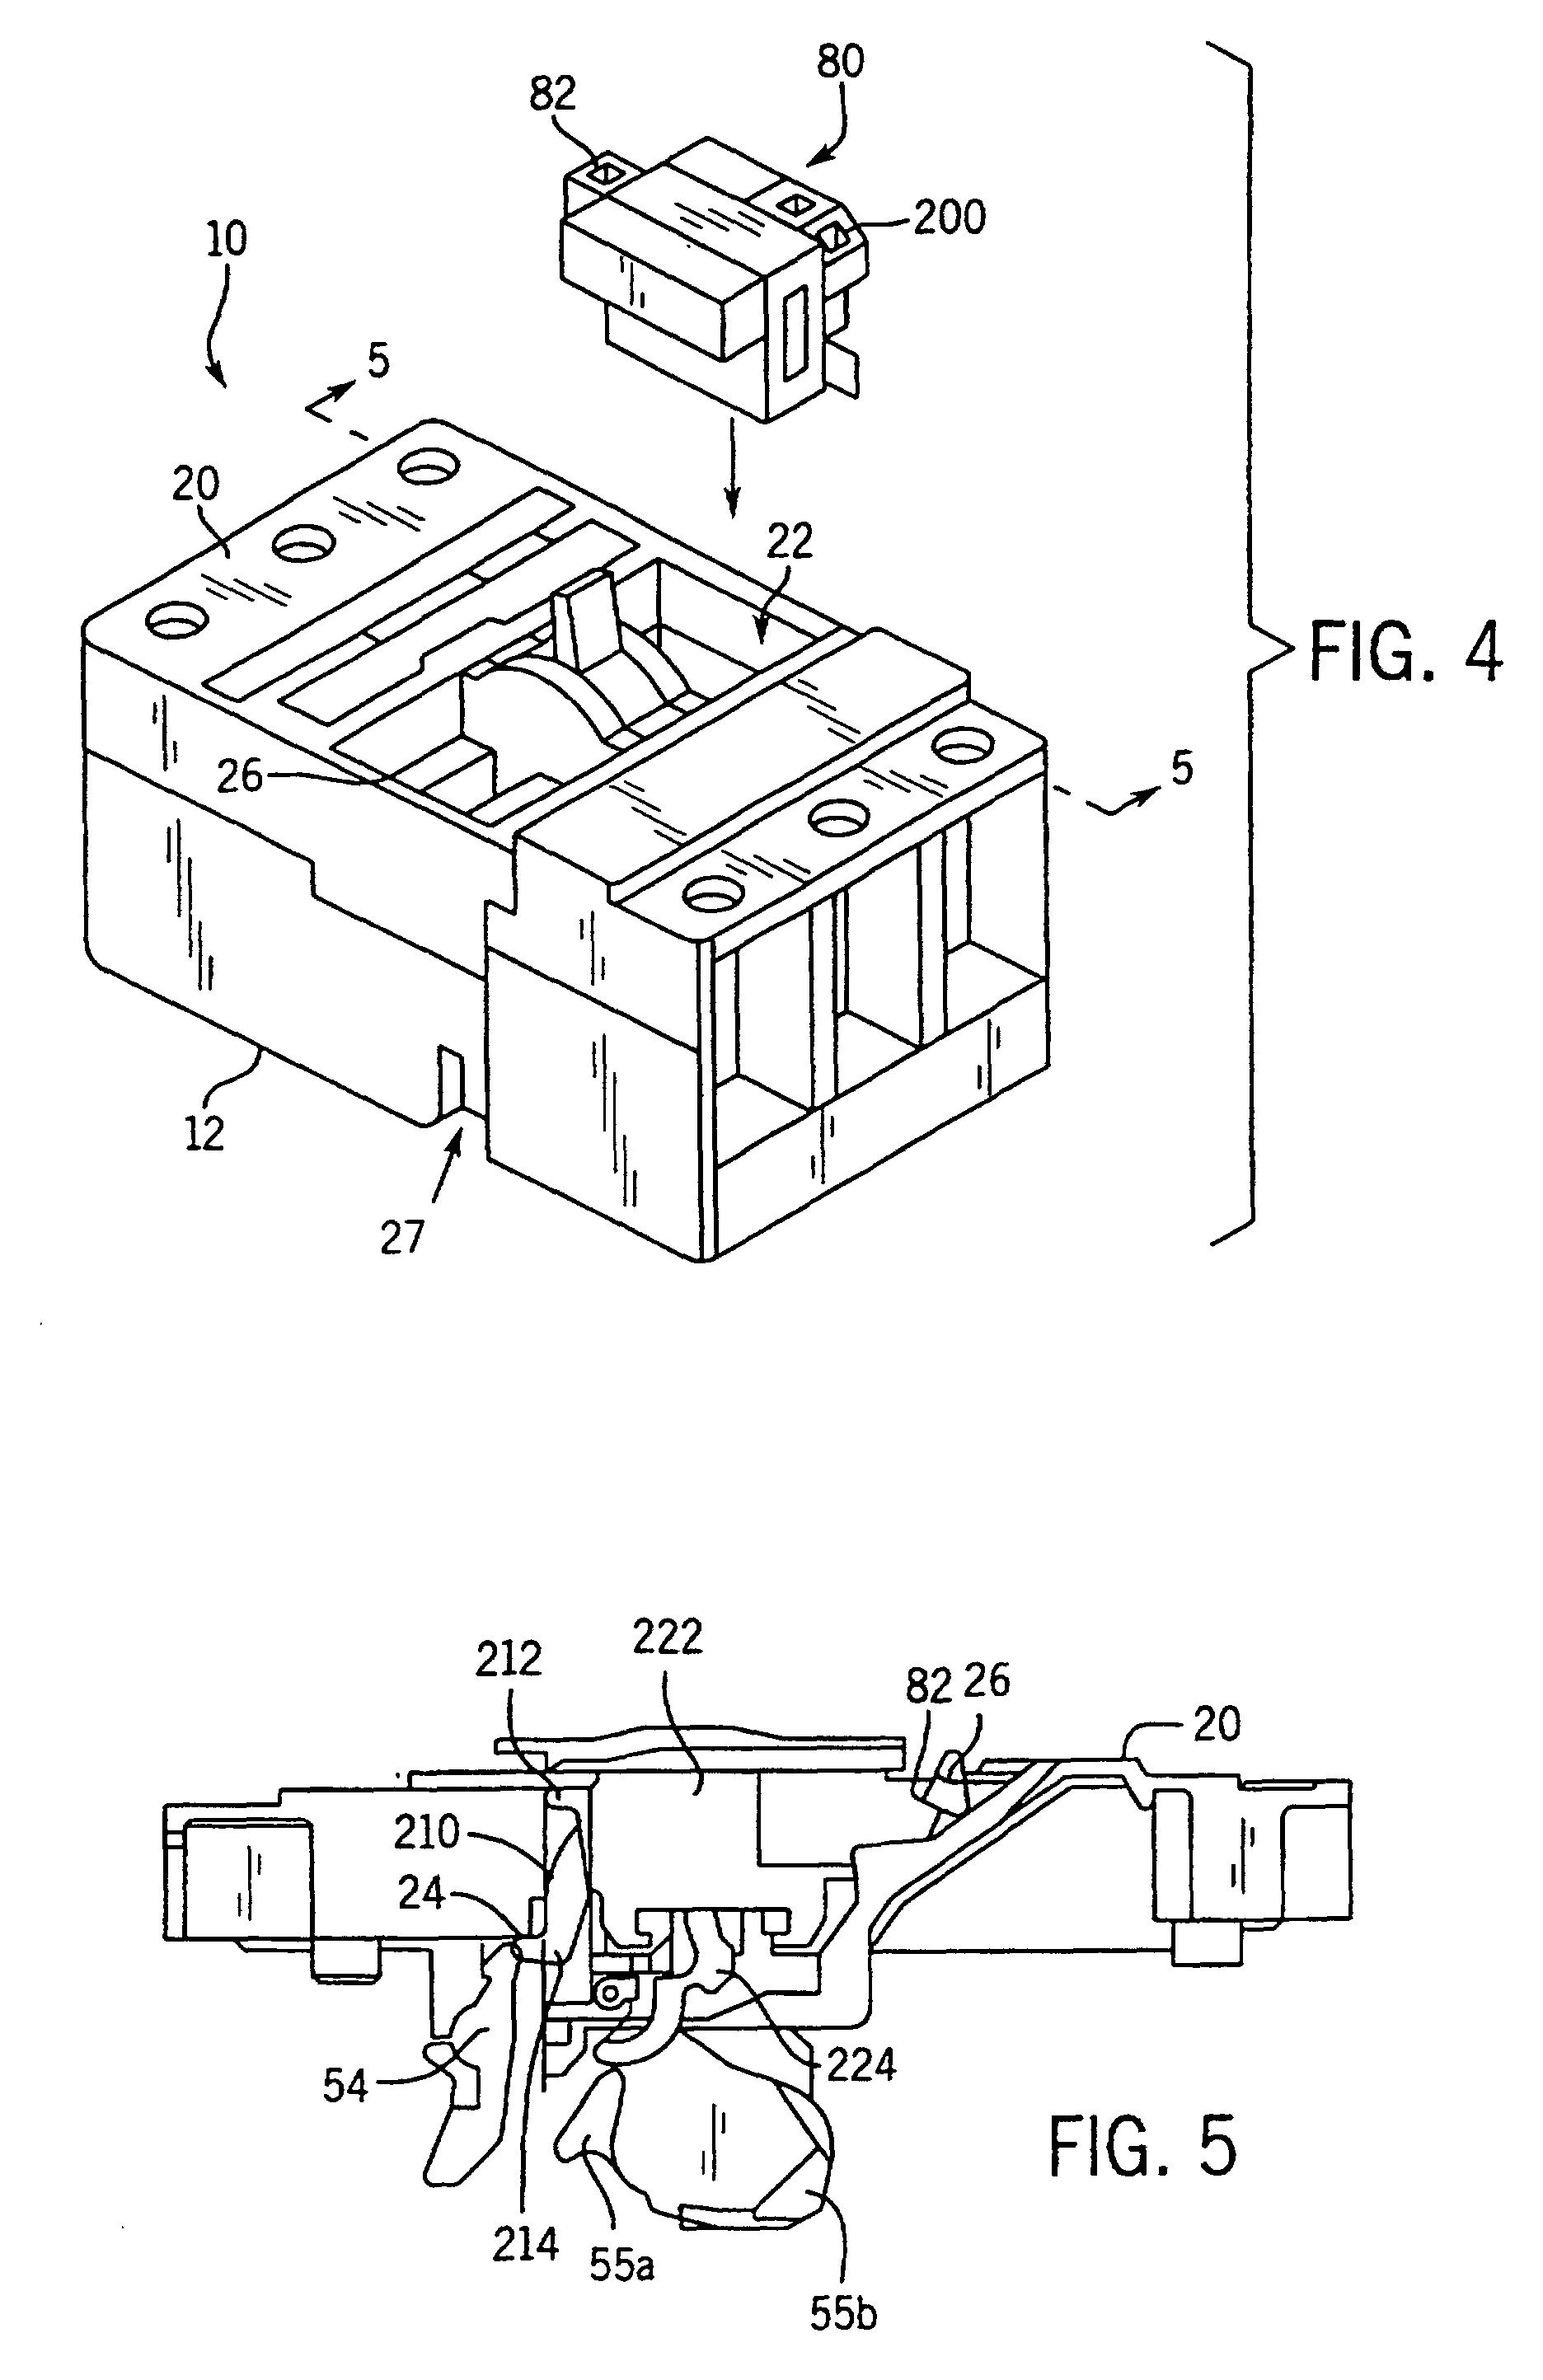 Siemens 200 Circuit Breaker